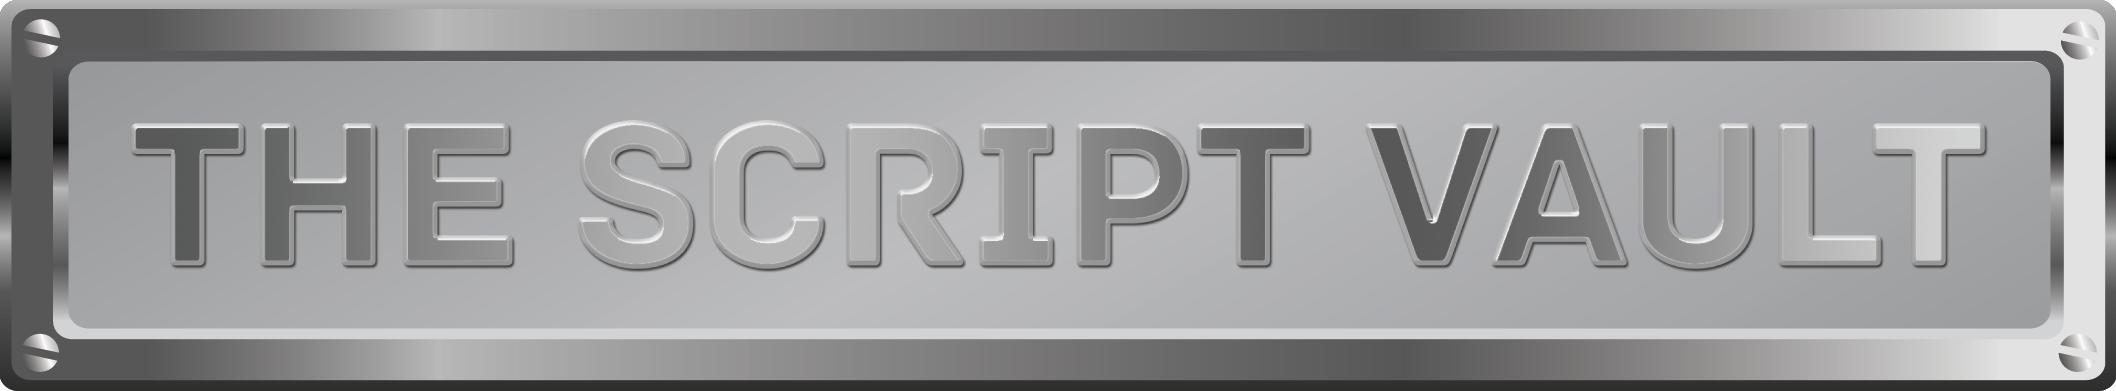 The Script Vault/ CopyrightRegistration.co.uk